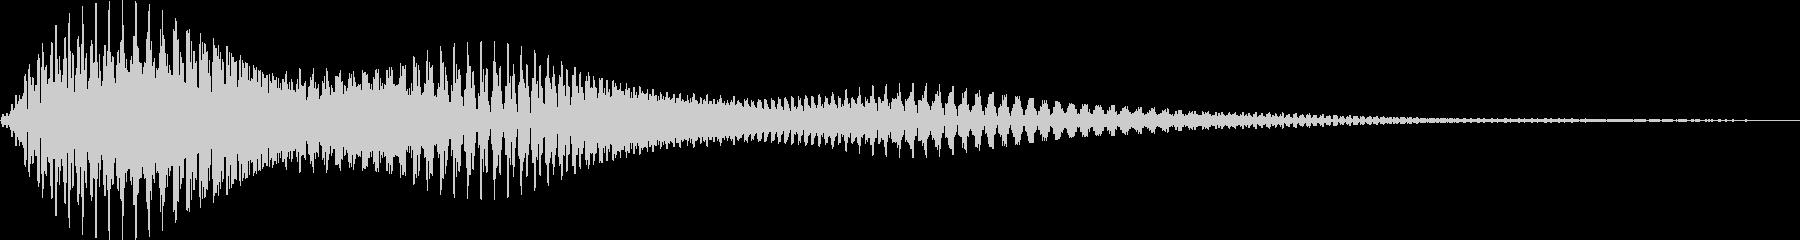 [プッ]カーソル移動/決定音/02の未再生の波形